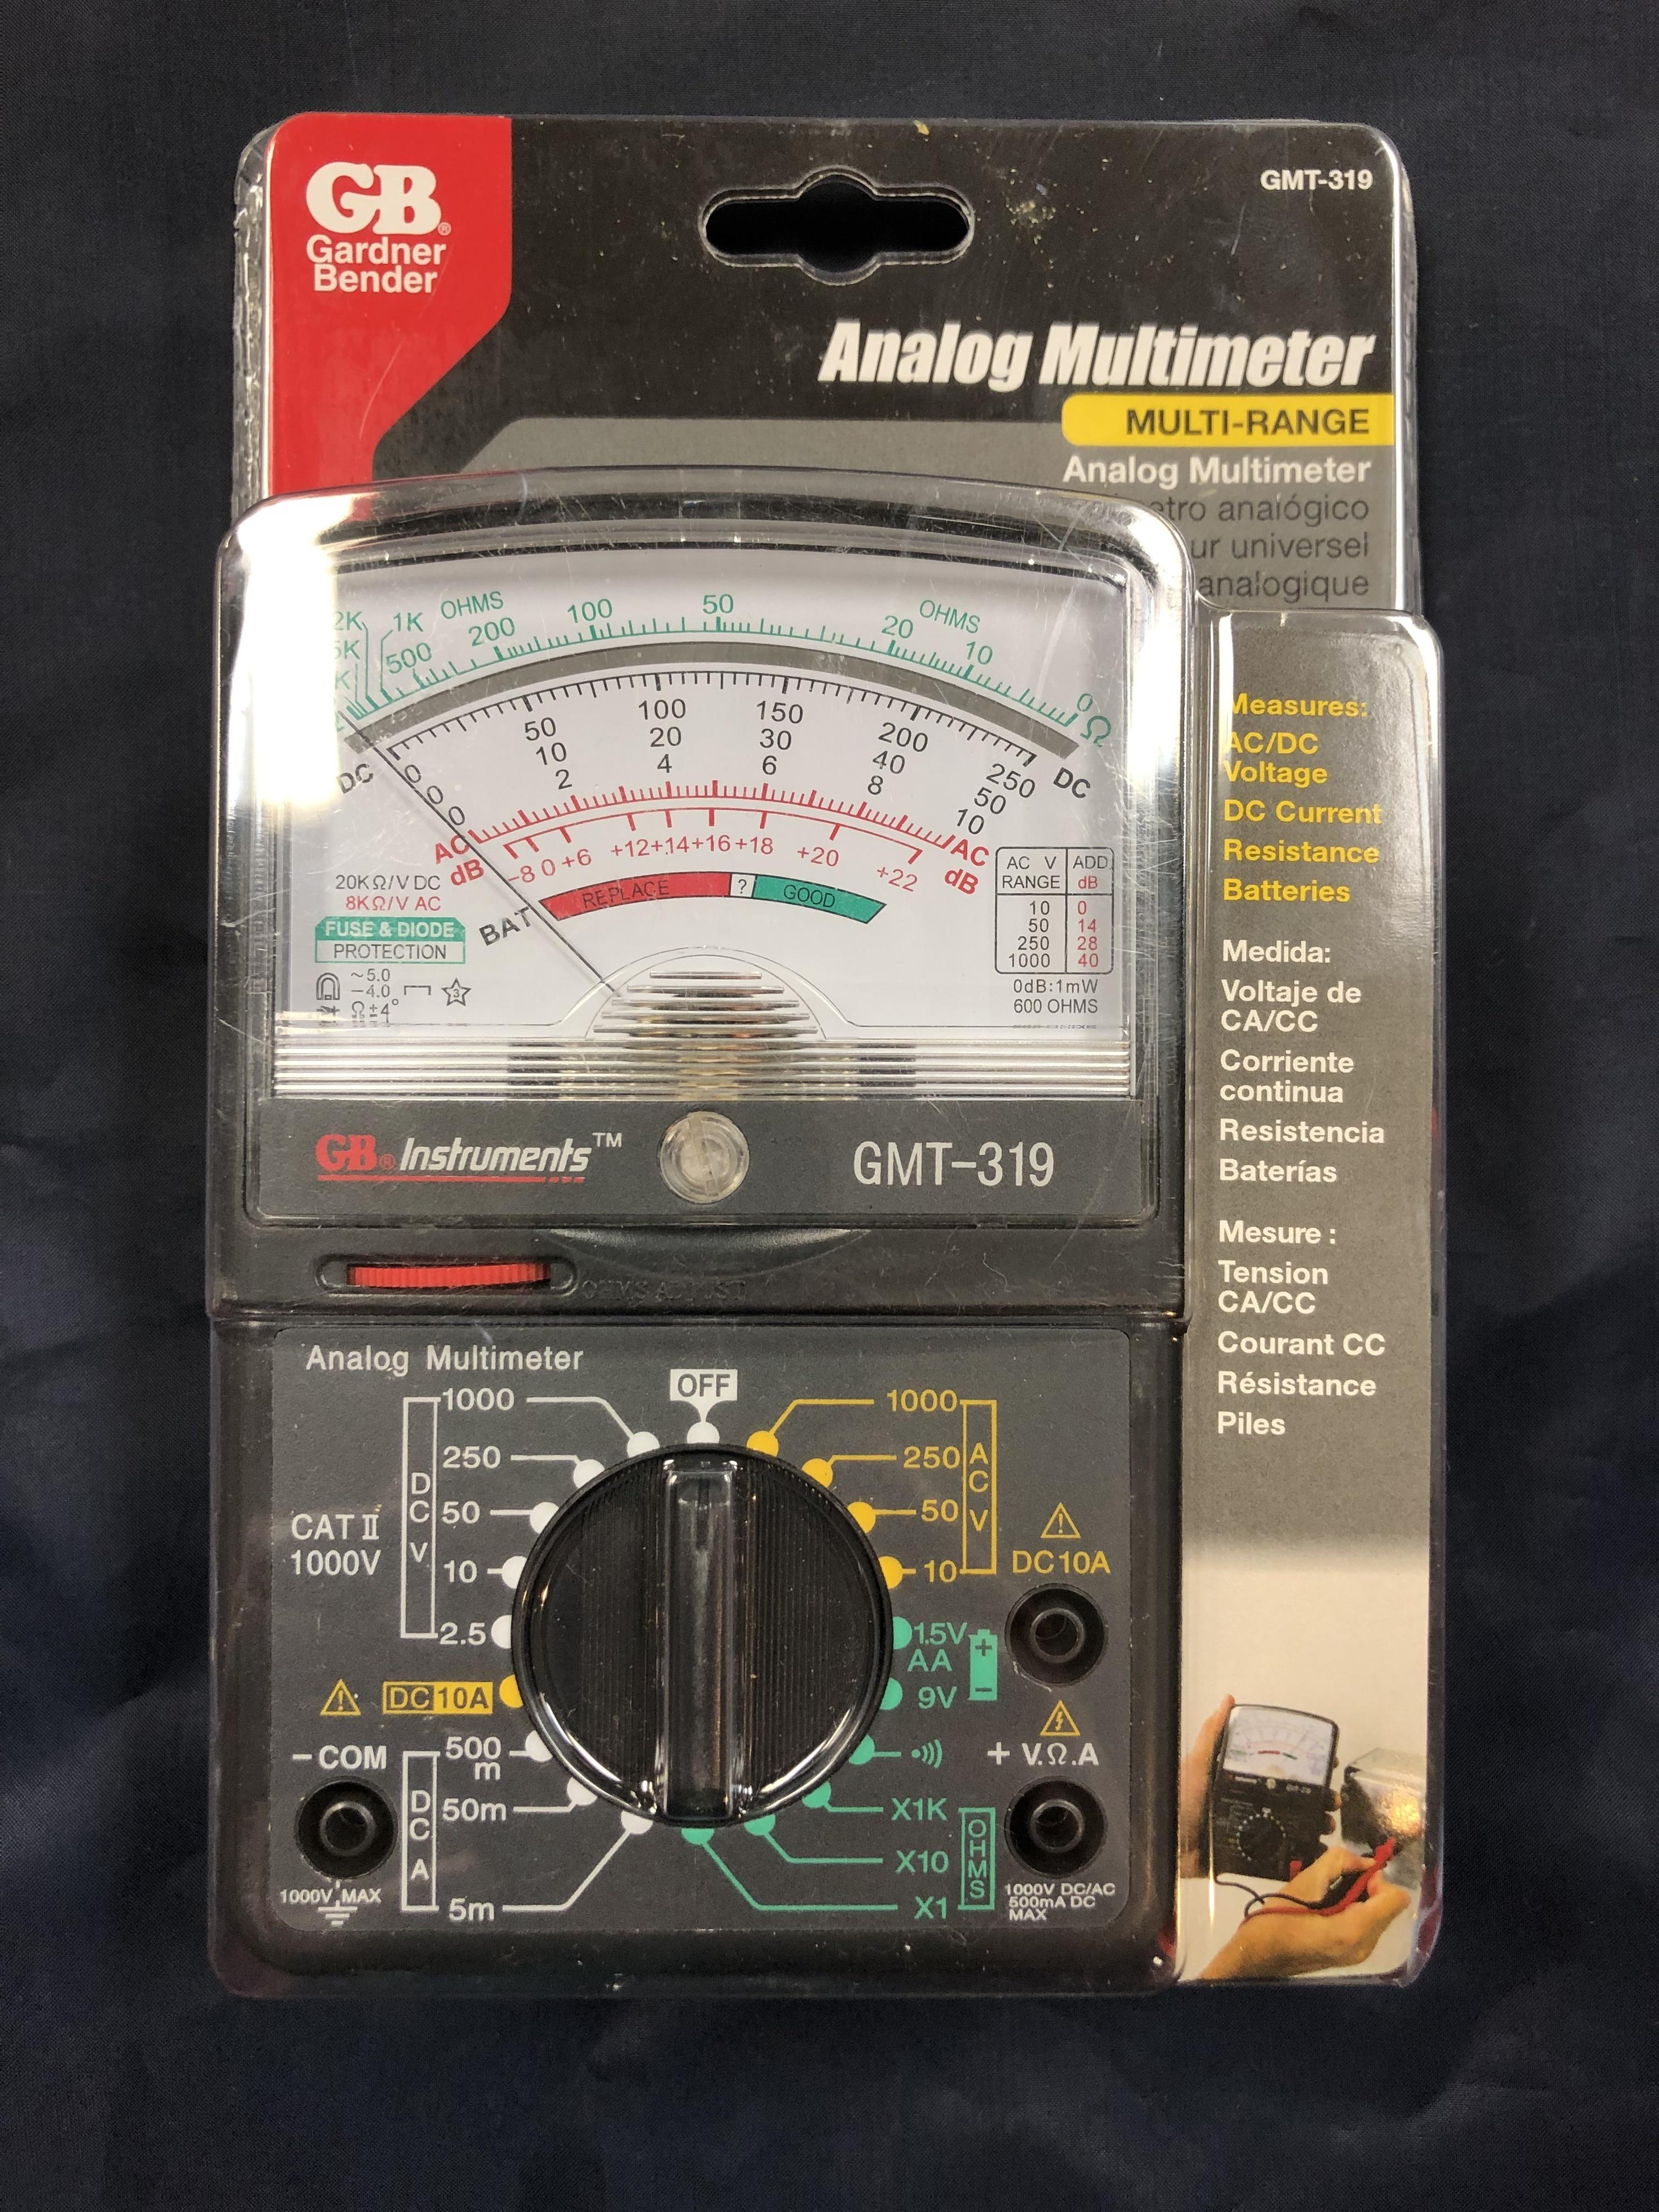 TOOLS: GARDNER BENDER - MULTI-RANGE ANALOG MULTIMETER - GMT-319